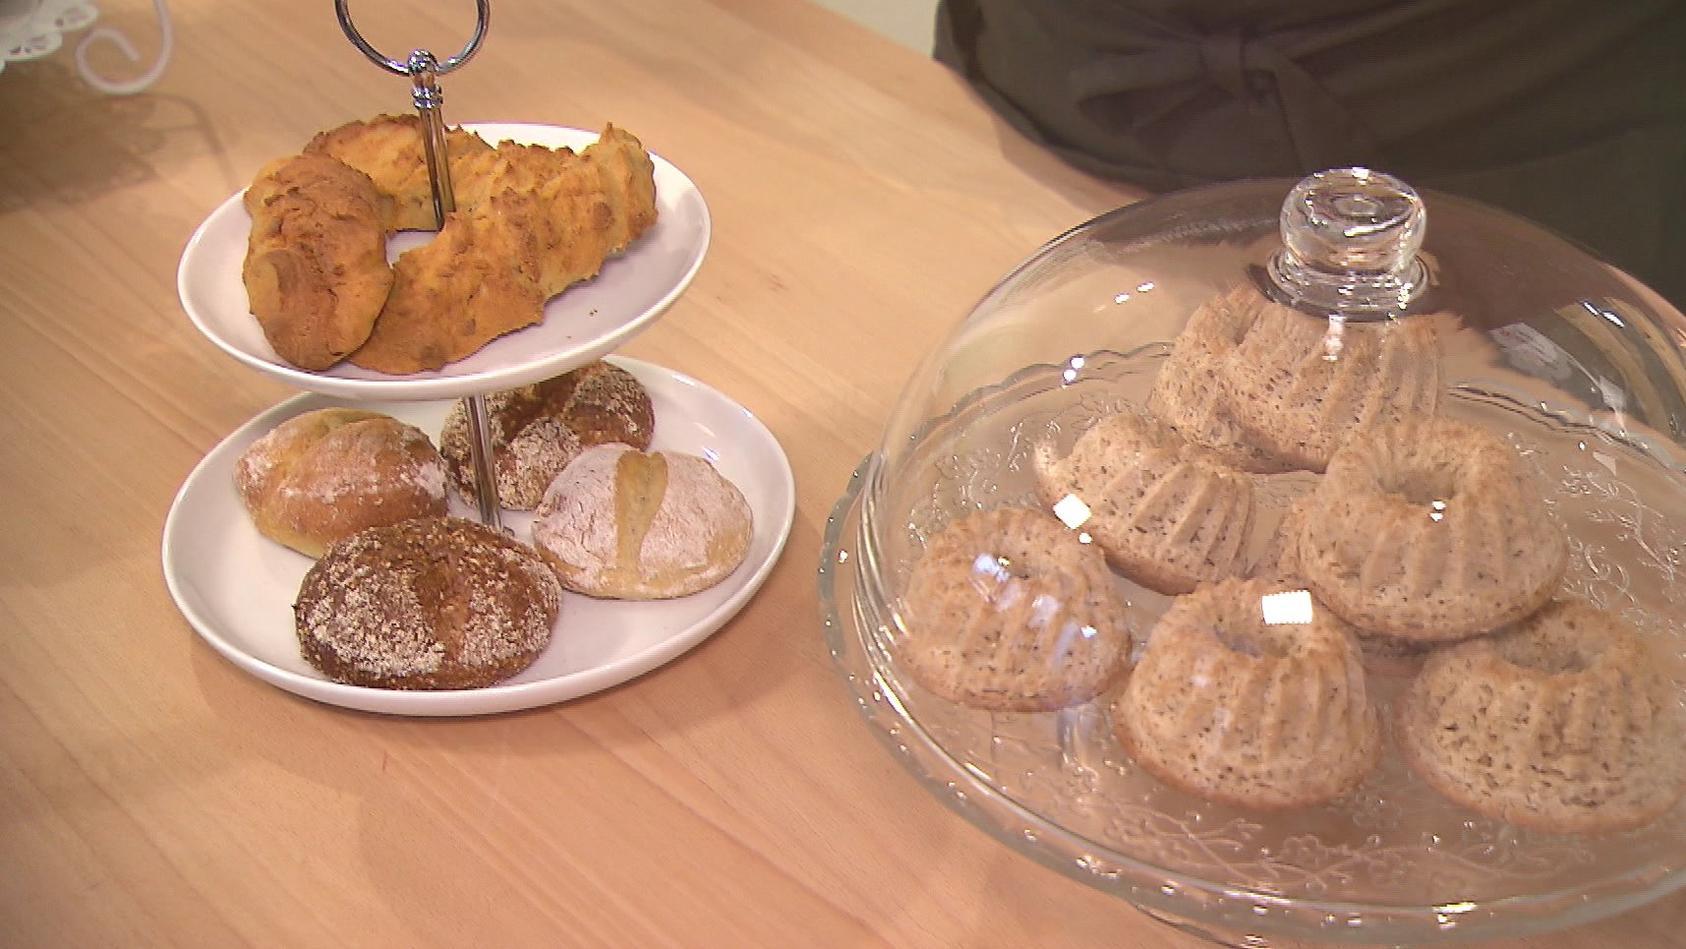 Die Leckereien von Dana Altekrüger gibt es jetzt in einer Bäckerei zu kaufen